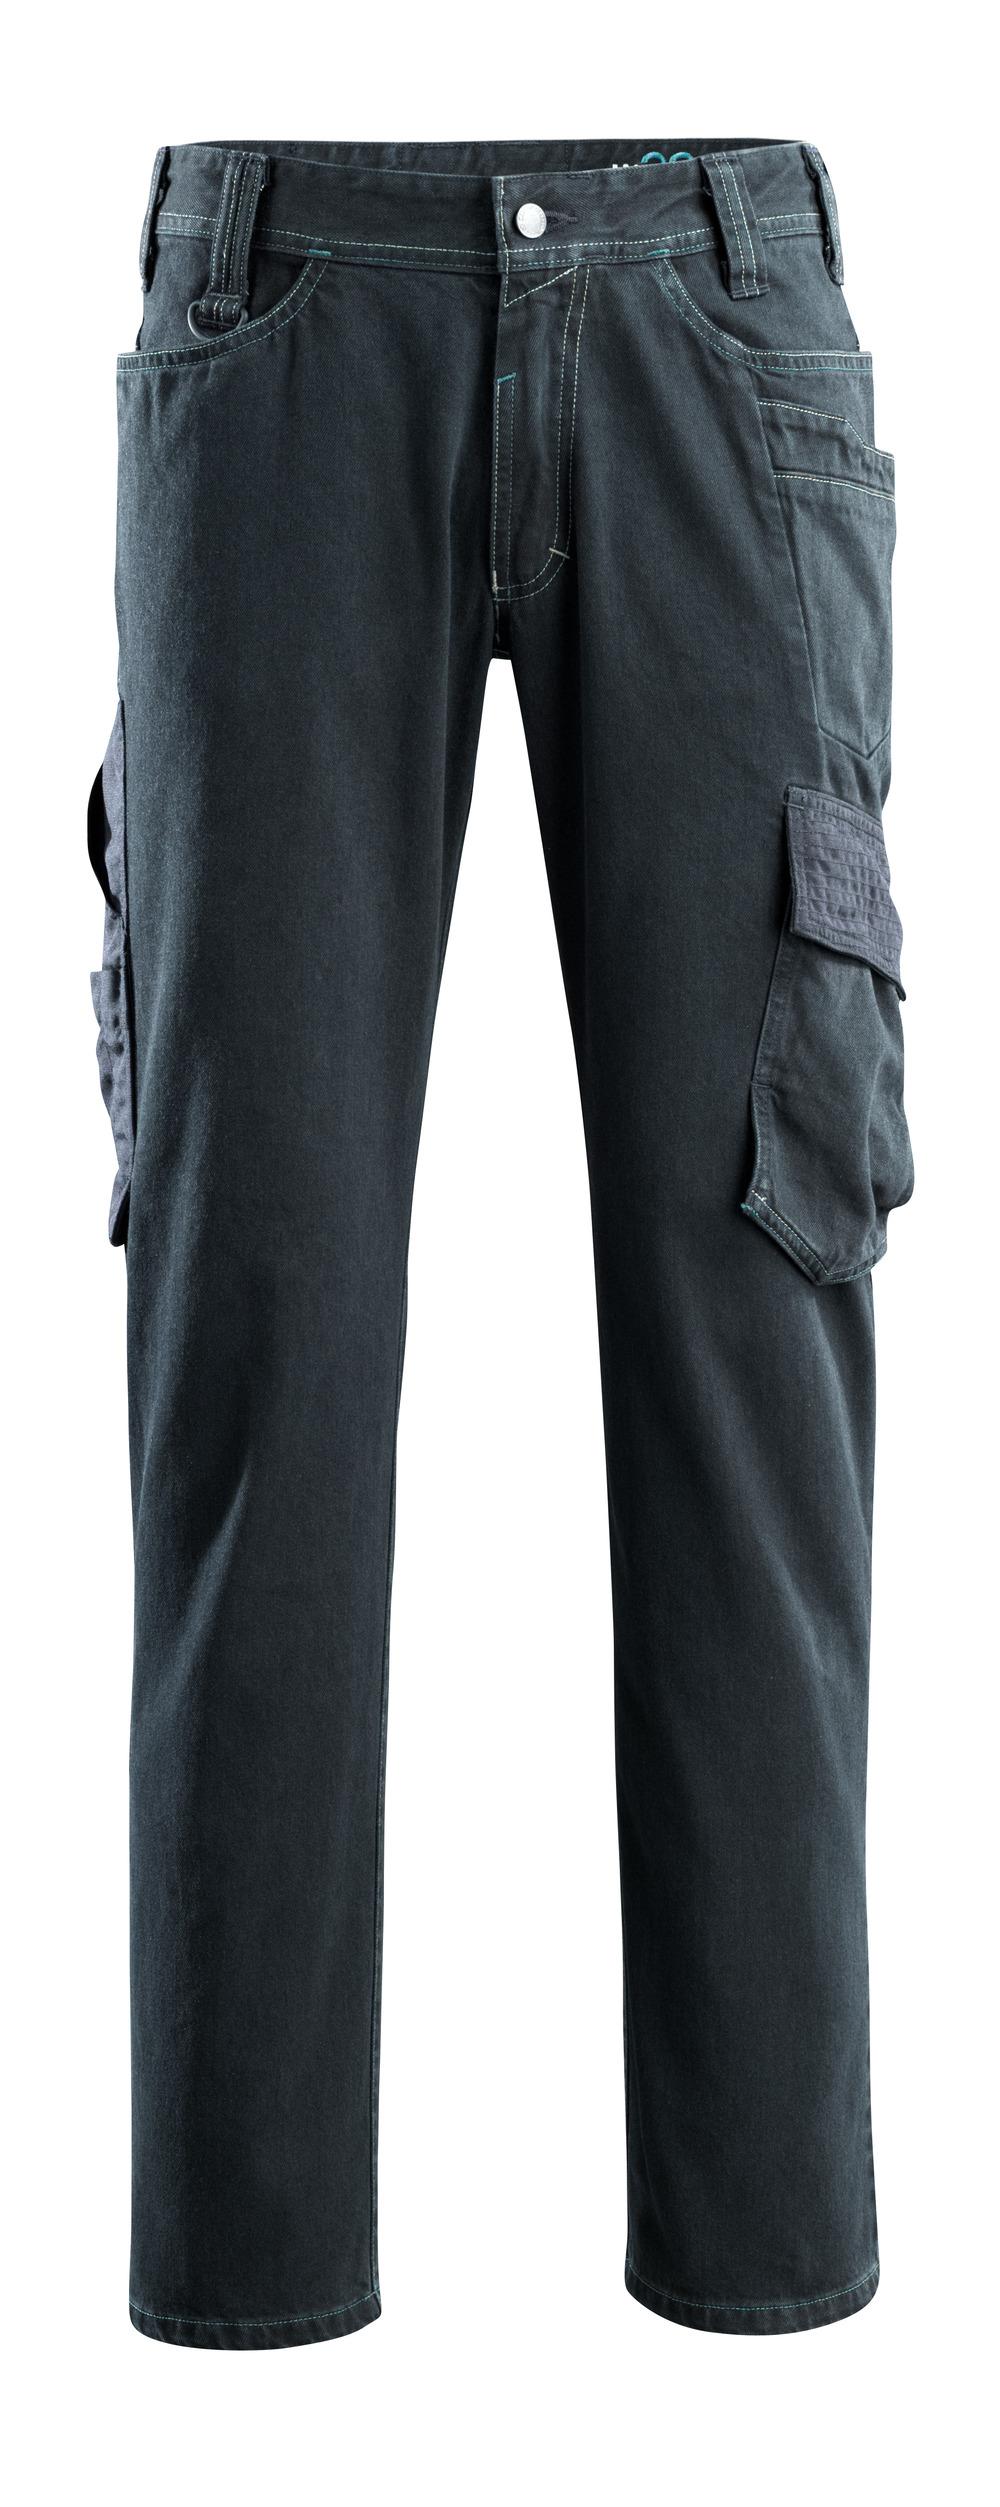 15279-207-86 Jeans med lårfickor - mörk blå denim